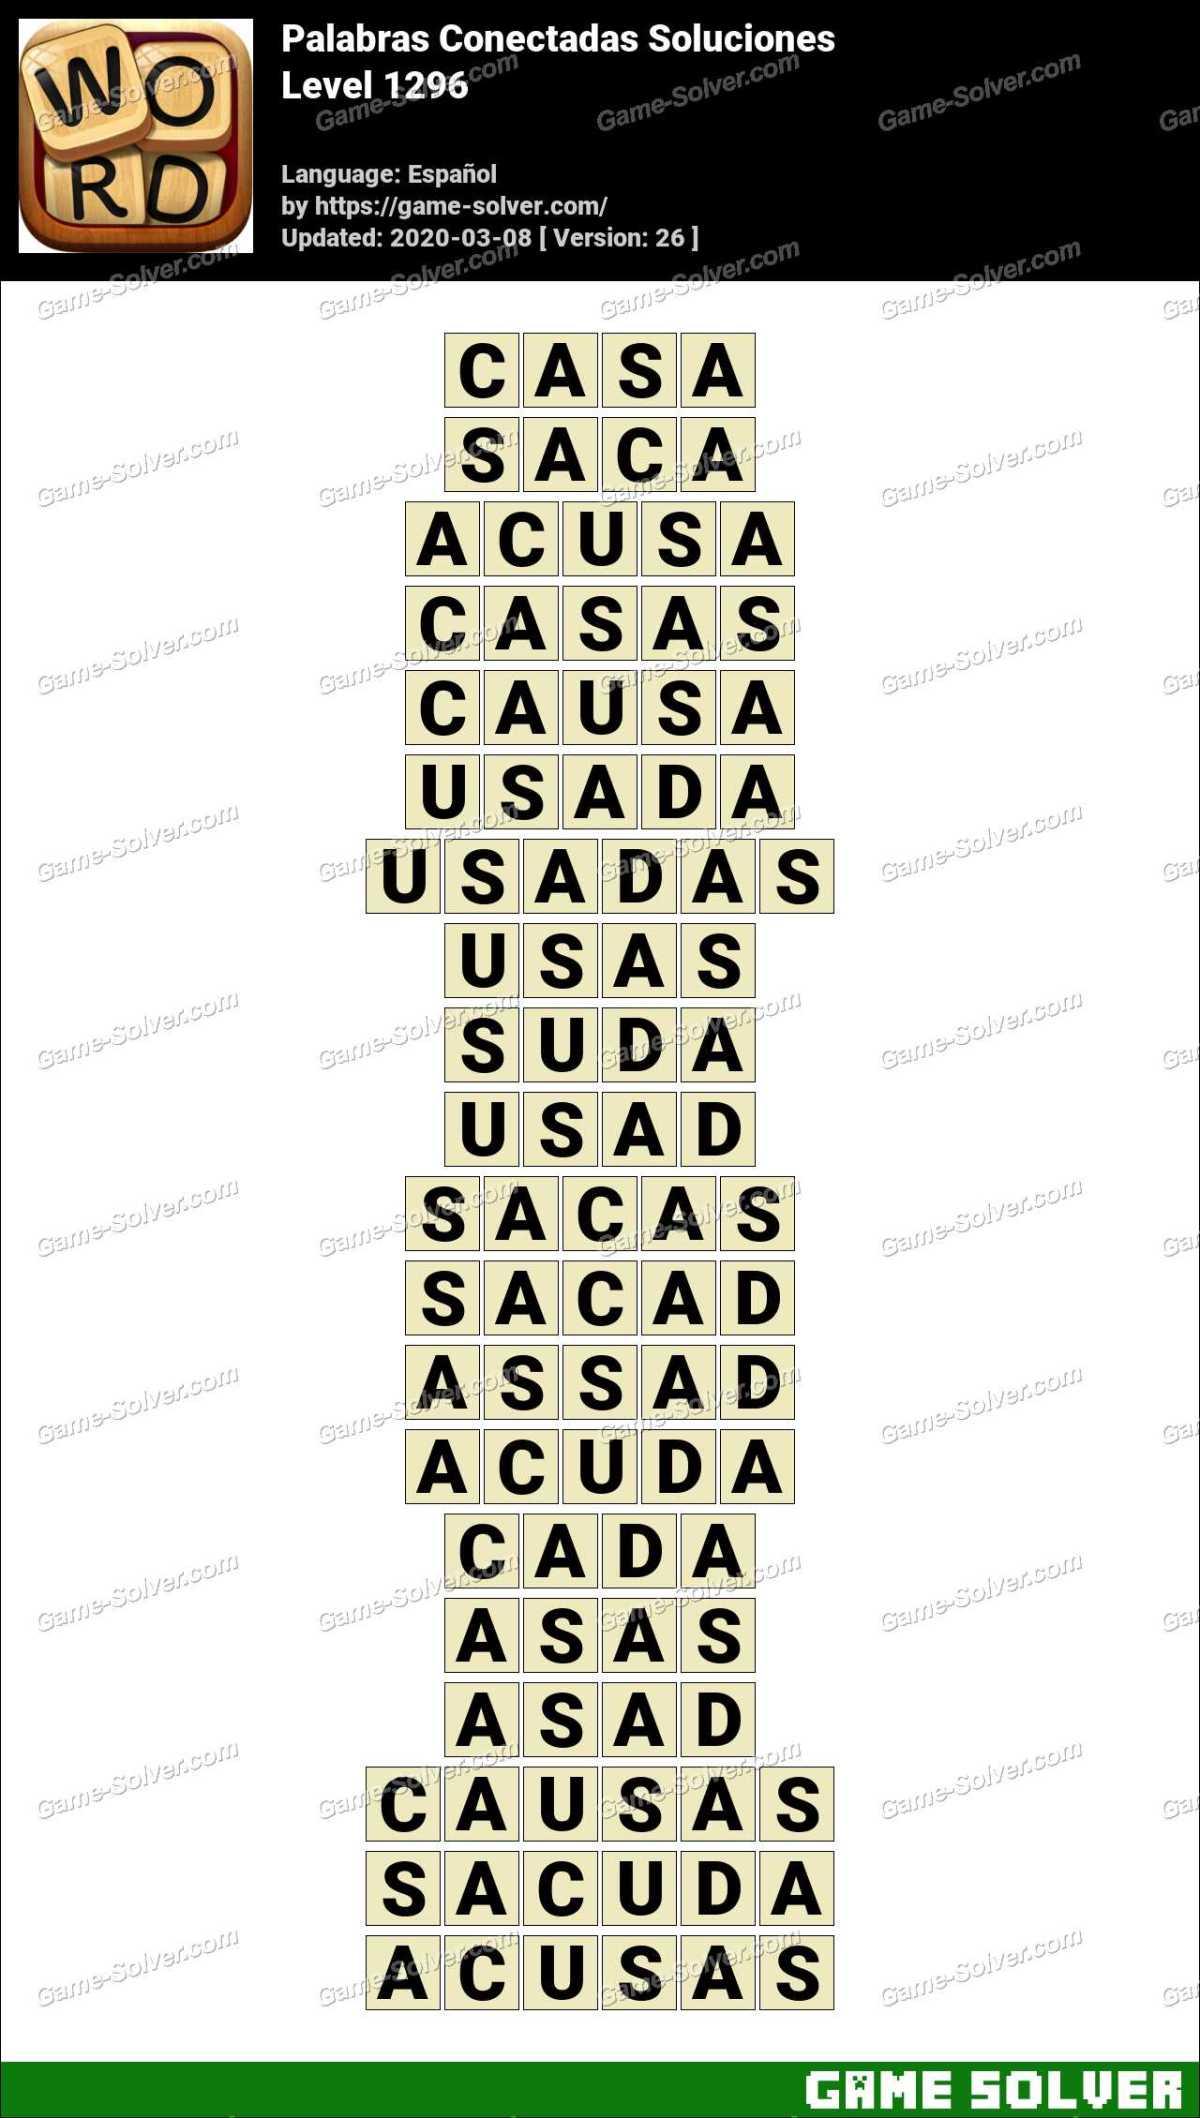 Palabras Conectadas Nivel 1296 Soluciones